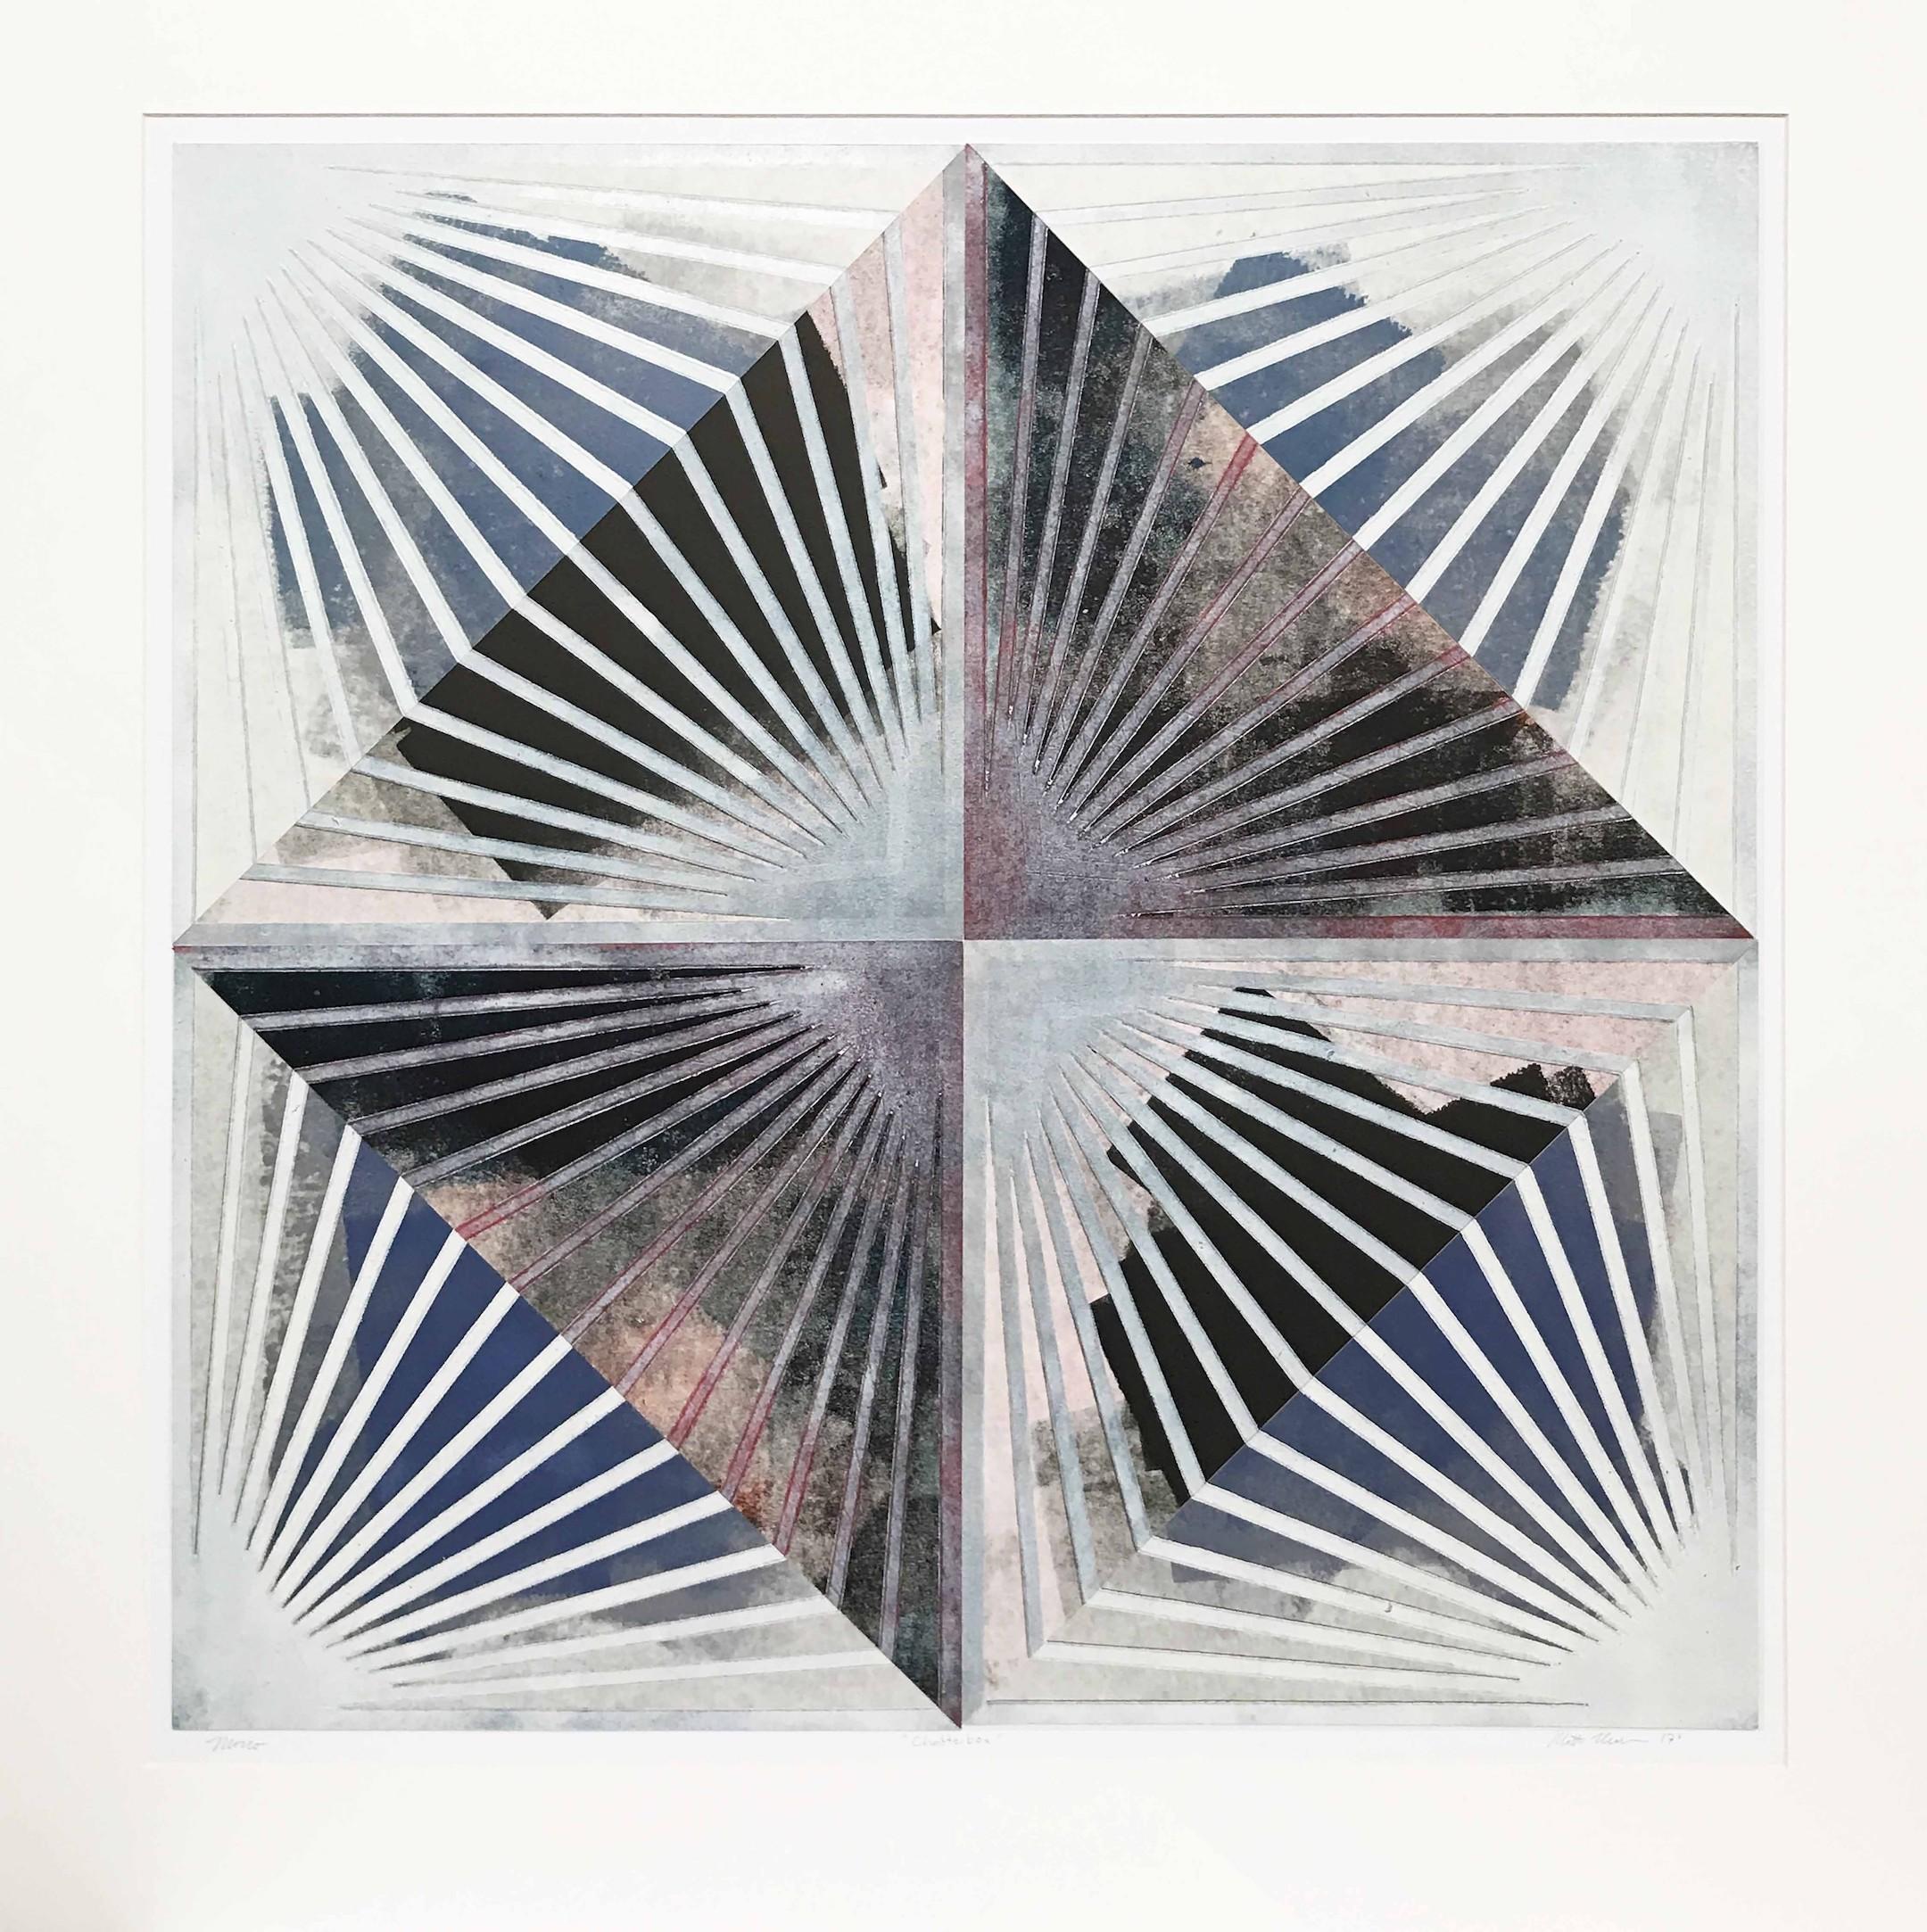 Chatterbox #30 by Matt Neumans, Matthew Youens Gallery